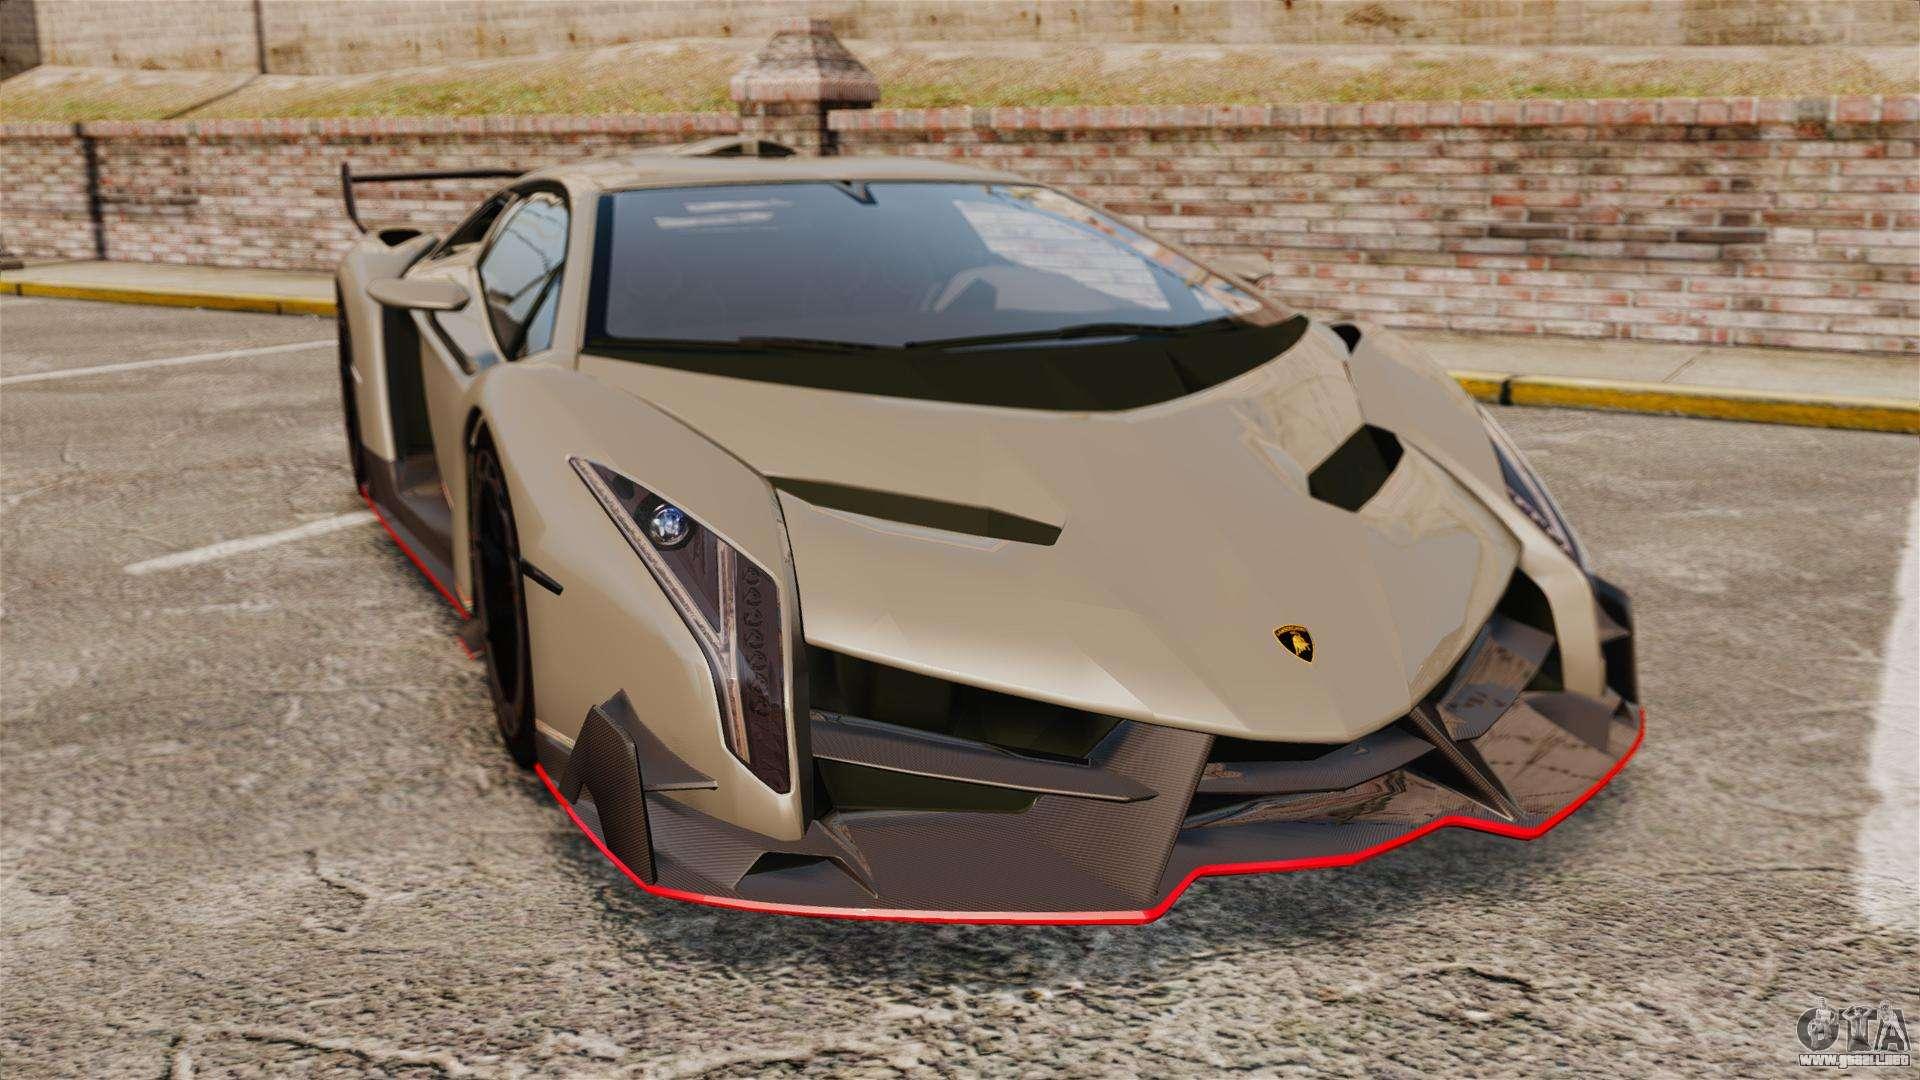 Gta 5 Cheats Ps3 Cars Lamborghini